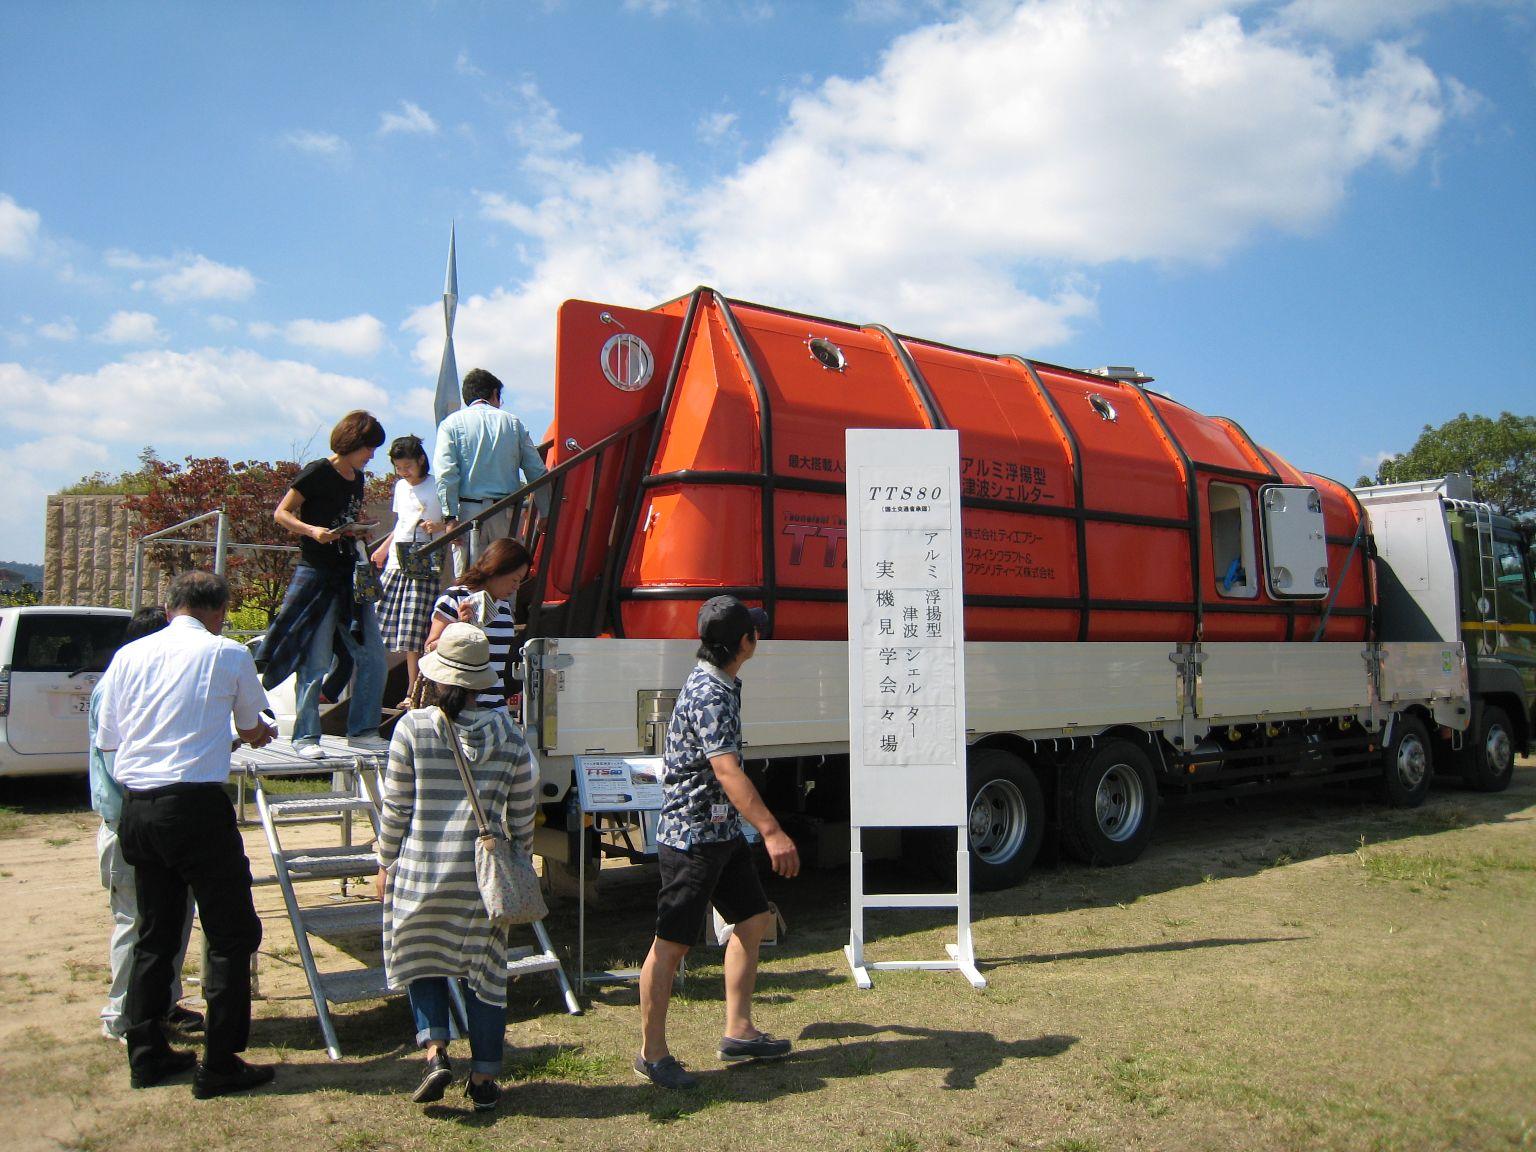 アルミ浮揚型津波シェルター「TTS80」展示・見学会